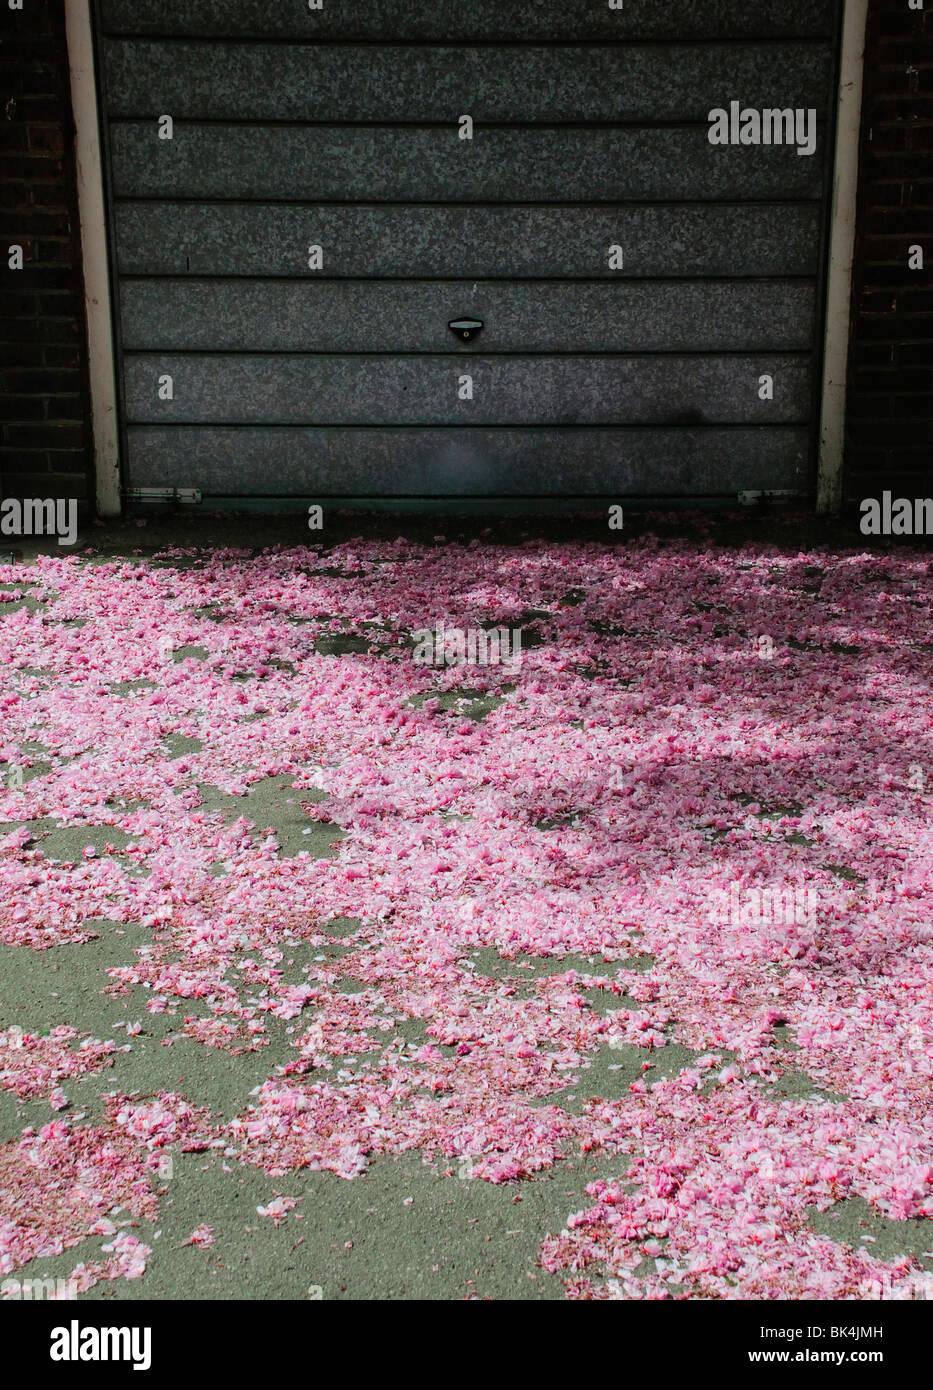 Streuung von gefallenen rosa Blüte auf Boden vor Metall Garagentor Stockbild